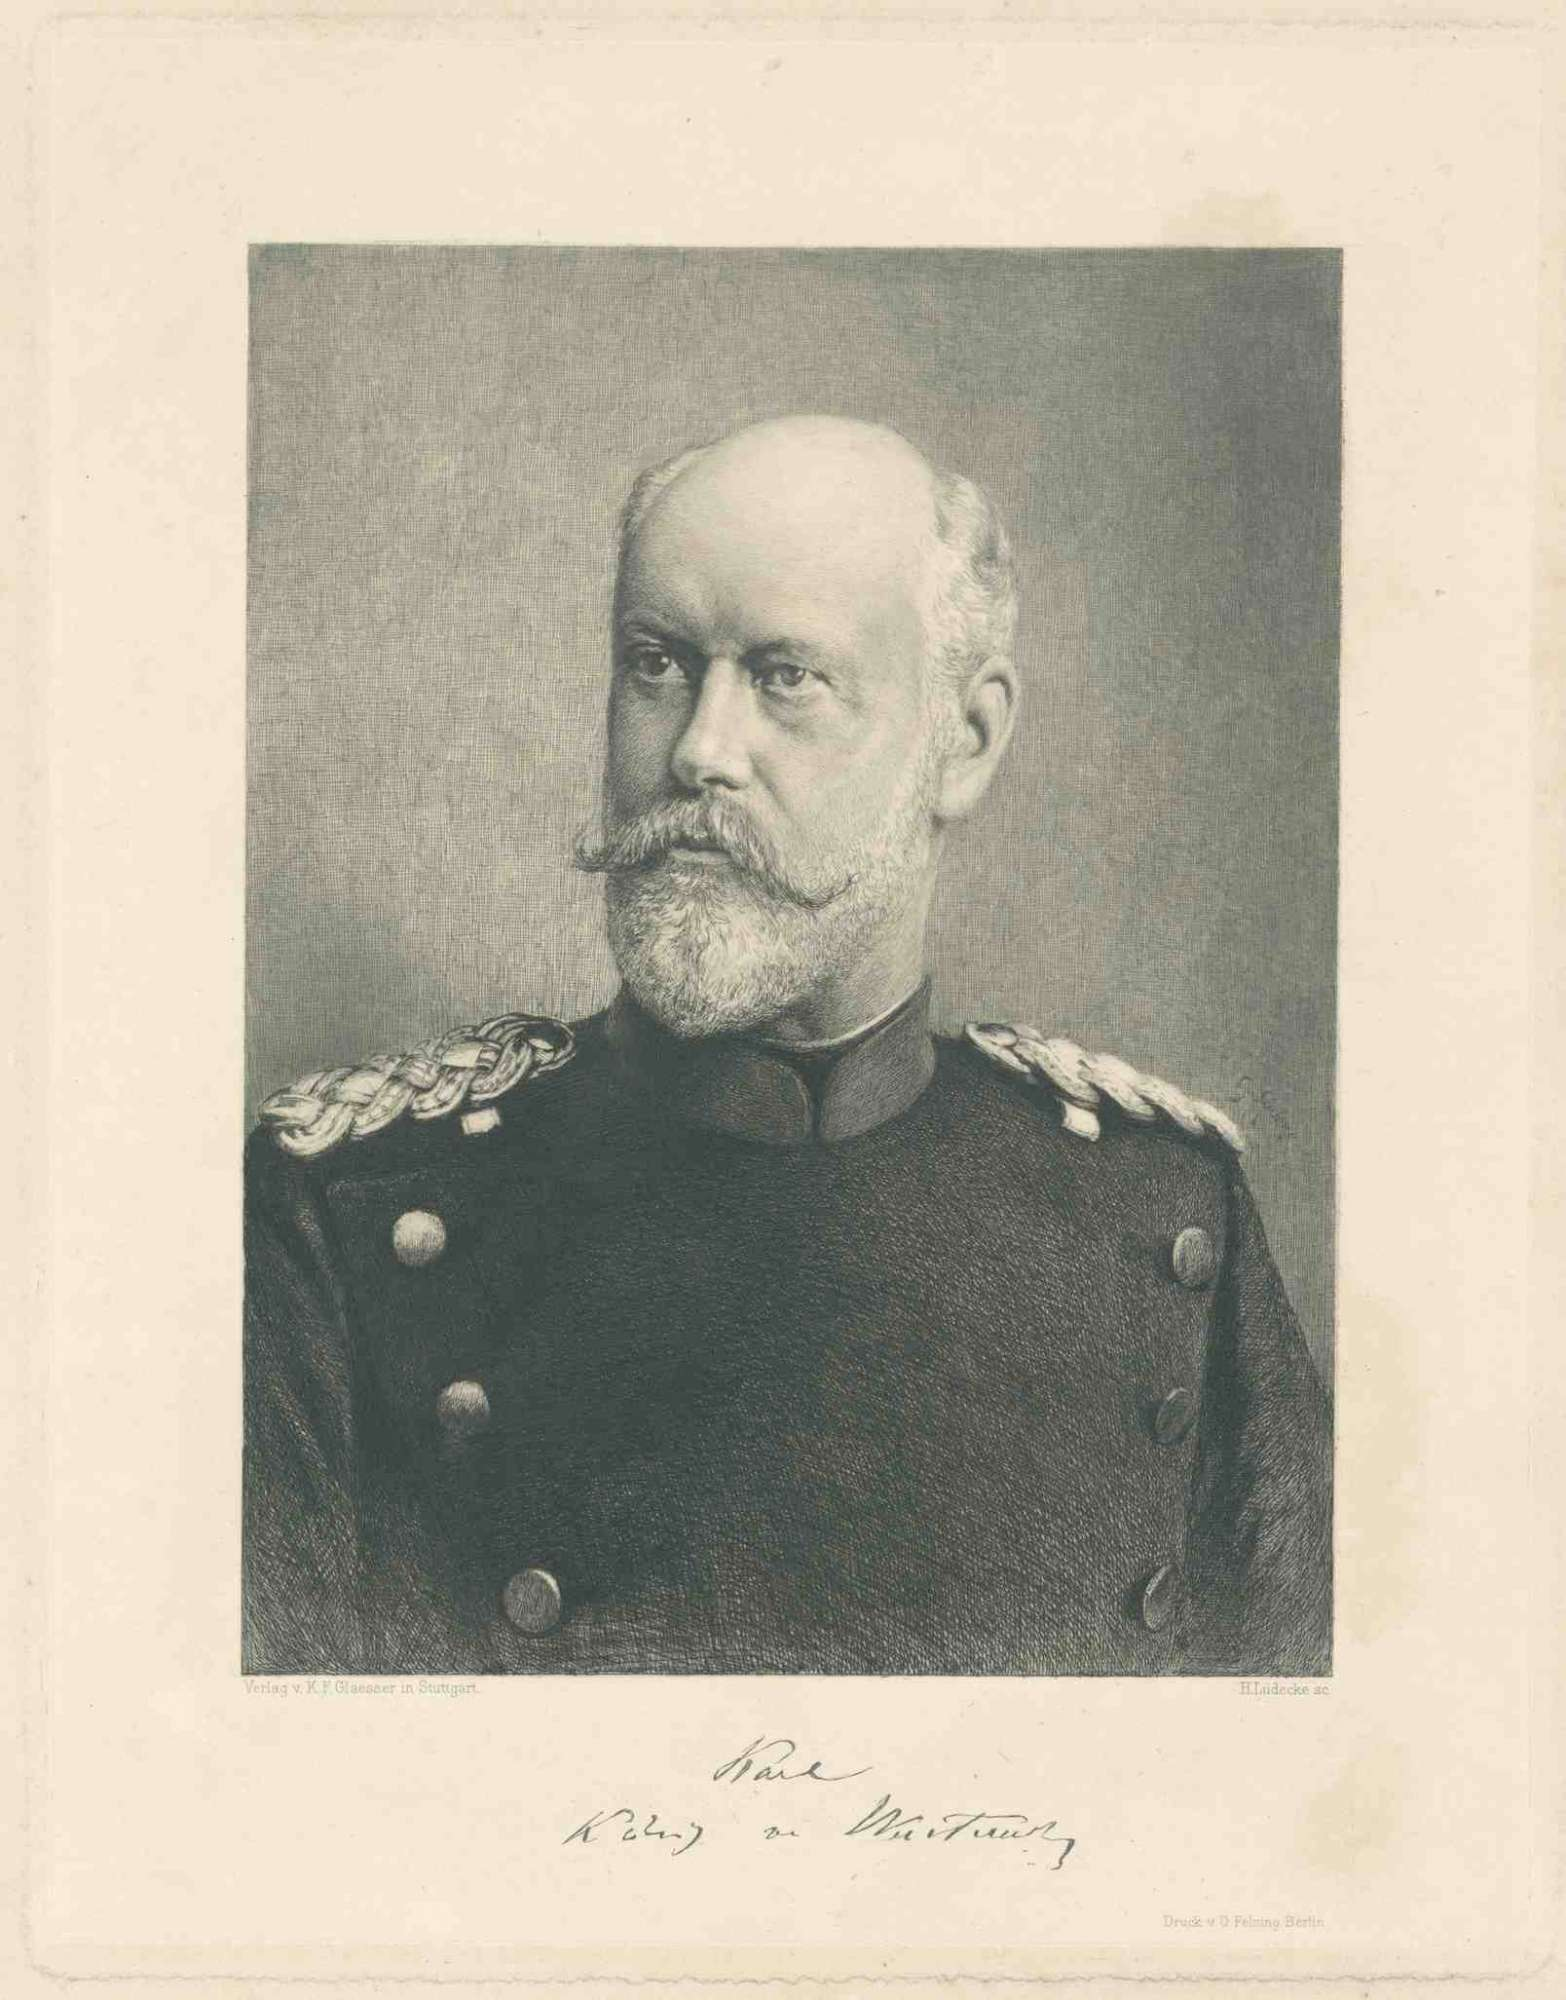 König Karl von Württemberg in Generalsuniform, Brustbild in Halbprofil, Bild 1